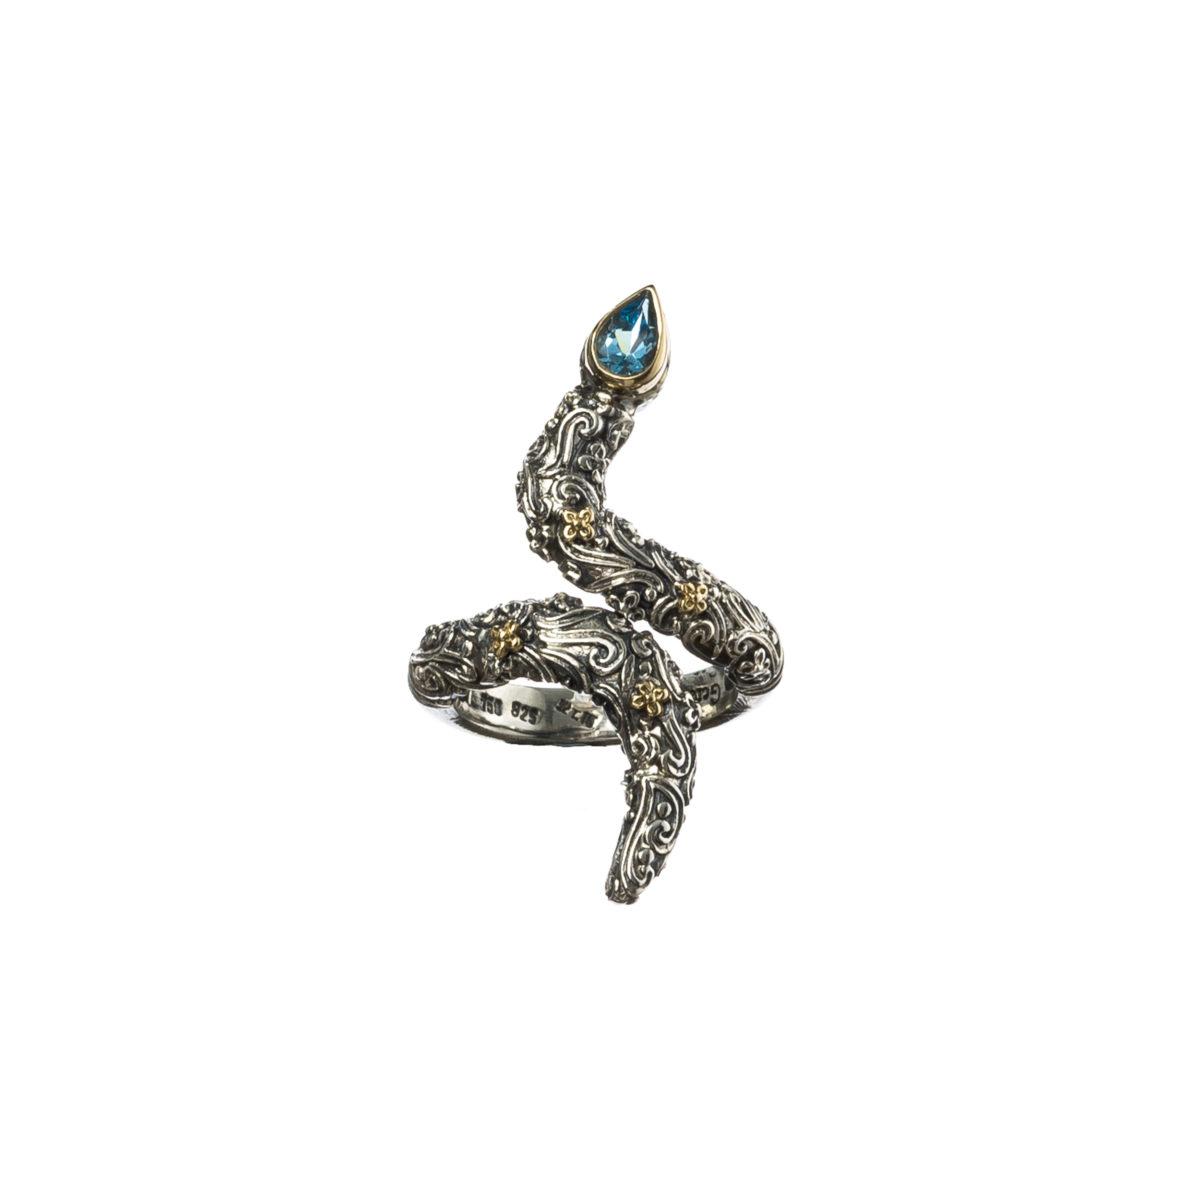 Εντυπωσιακό δαχτυλίδι Gerochristos σε σχήμα φιδιού στολισμένο με ένα πανέμορφο μπλέ τοπάζι